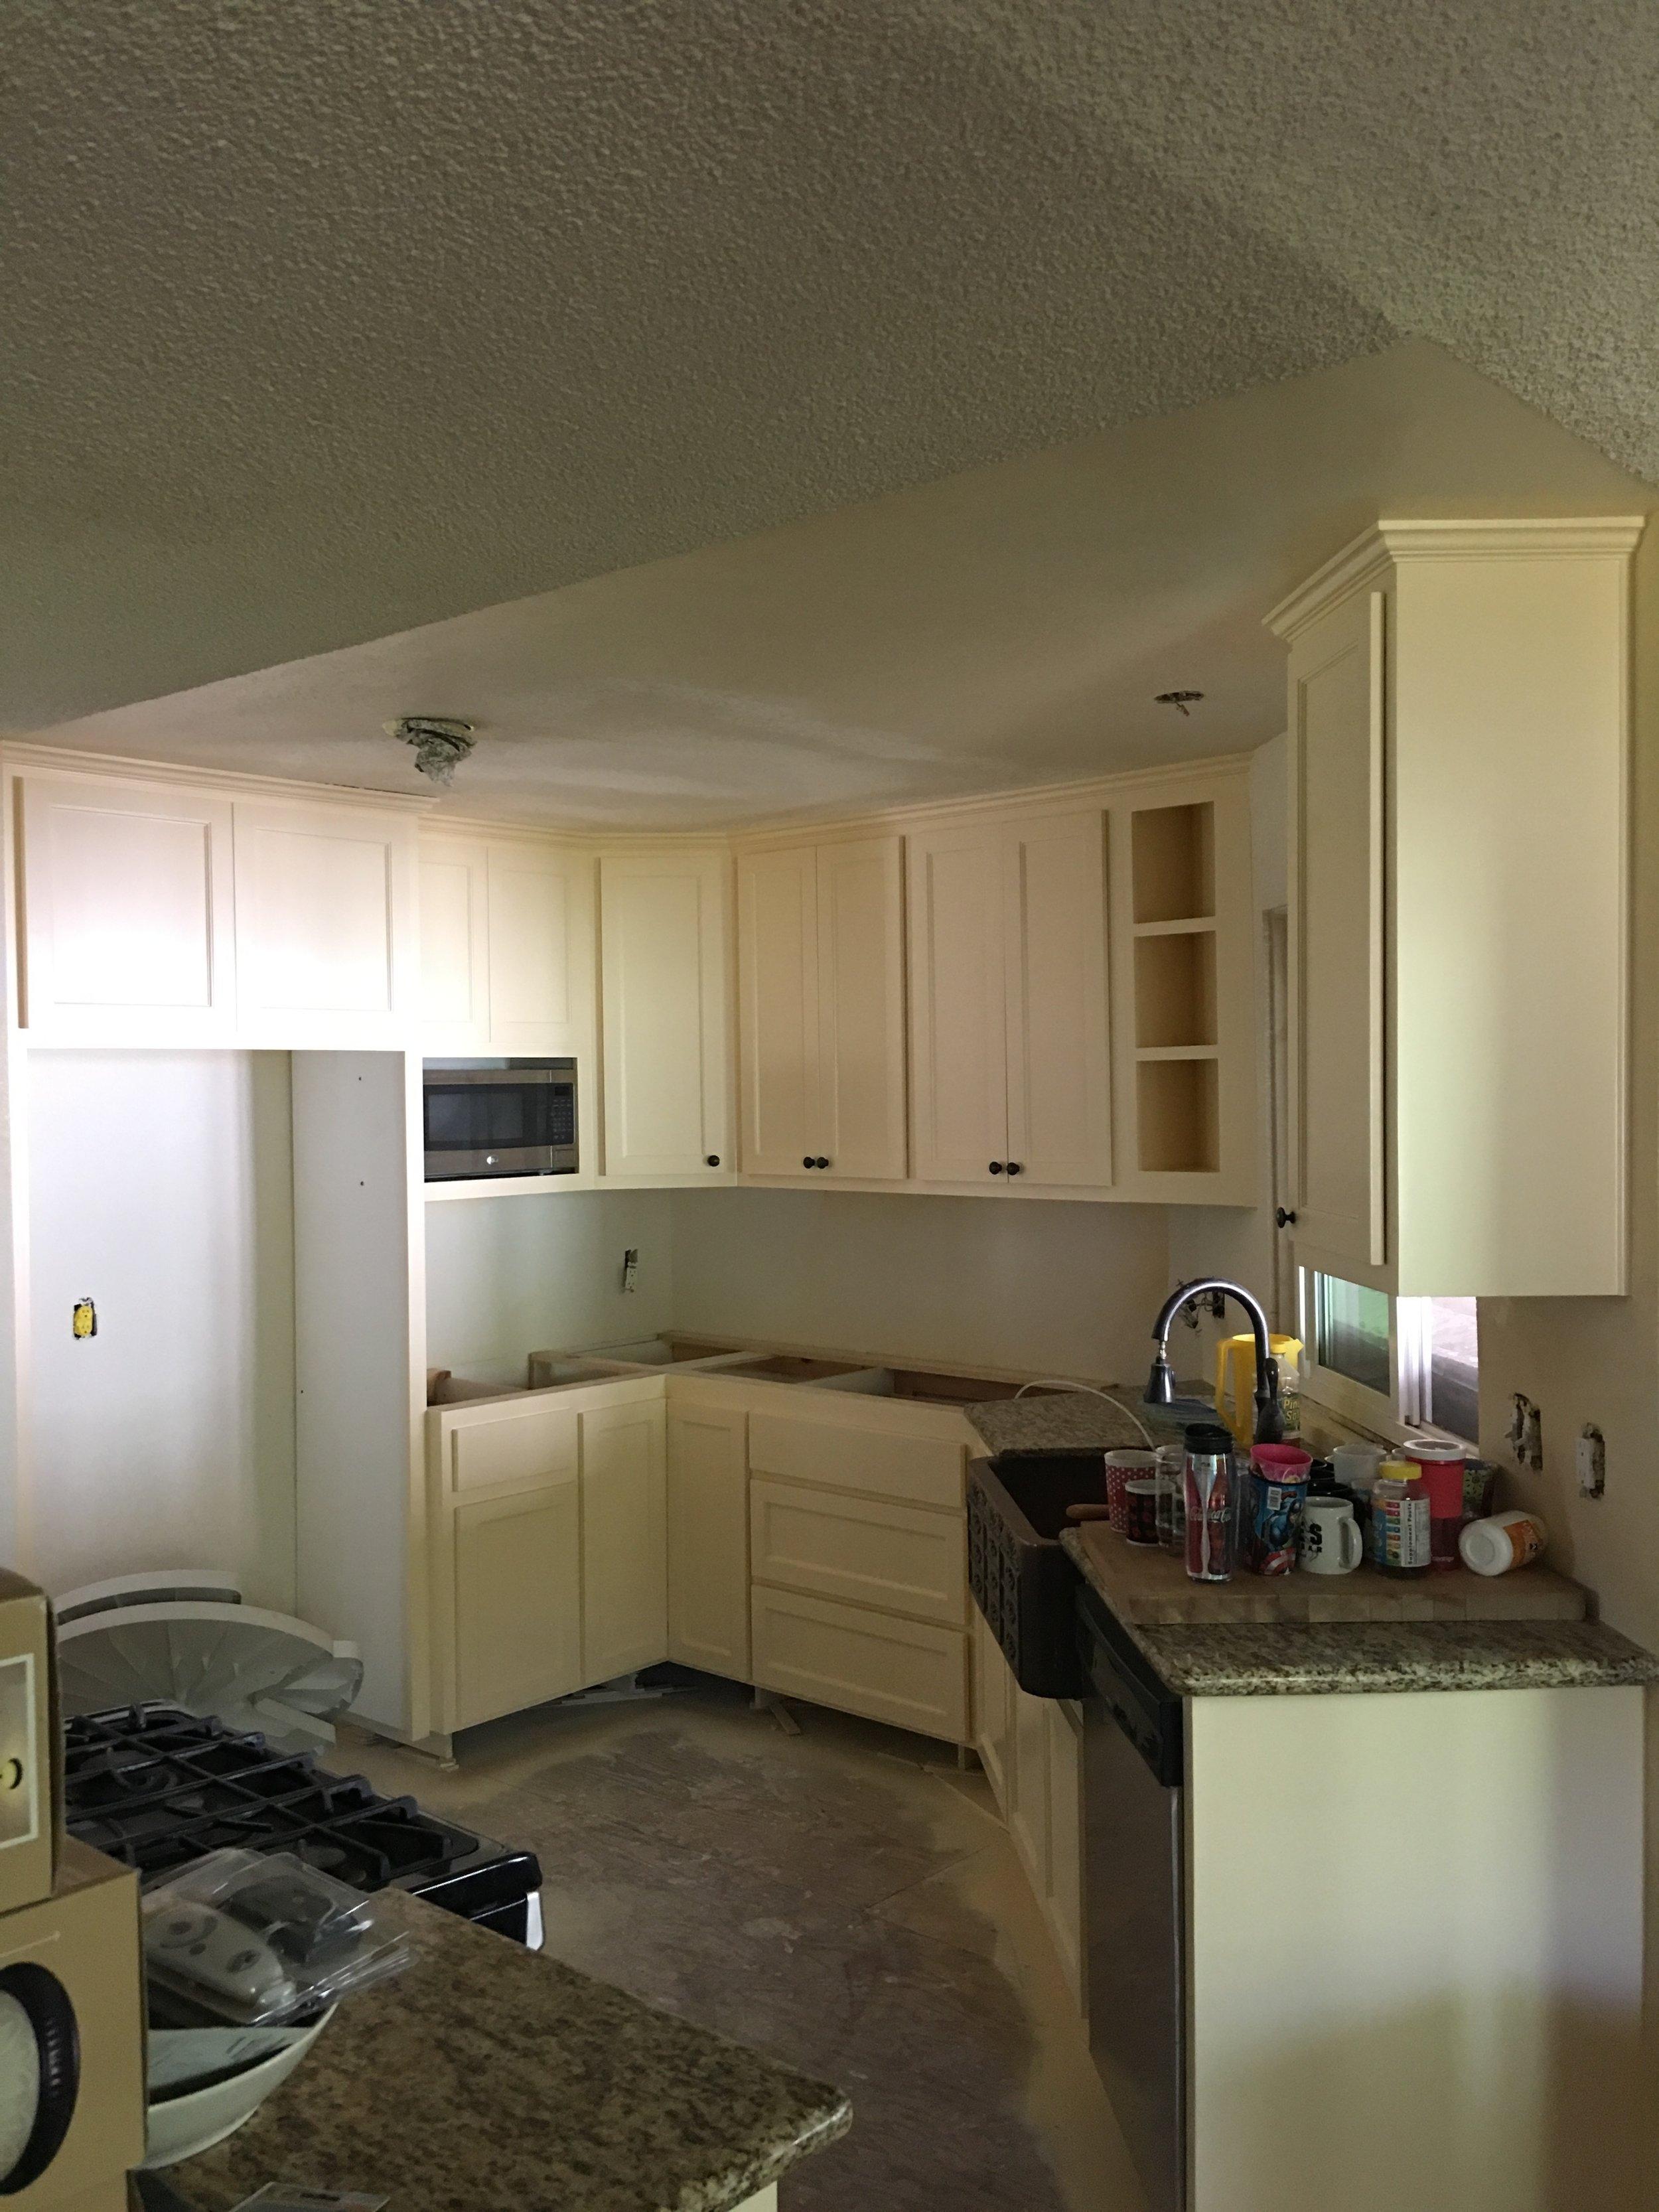 painted kitchen cabinets.jpeg